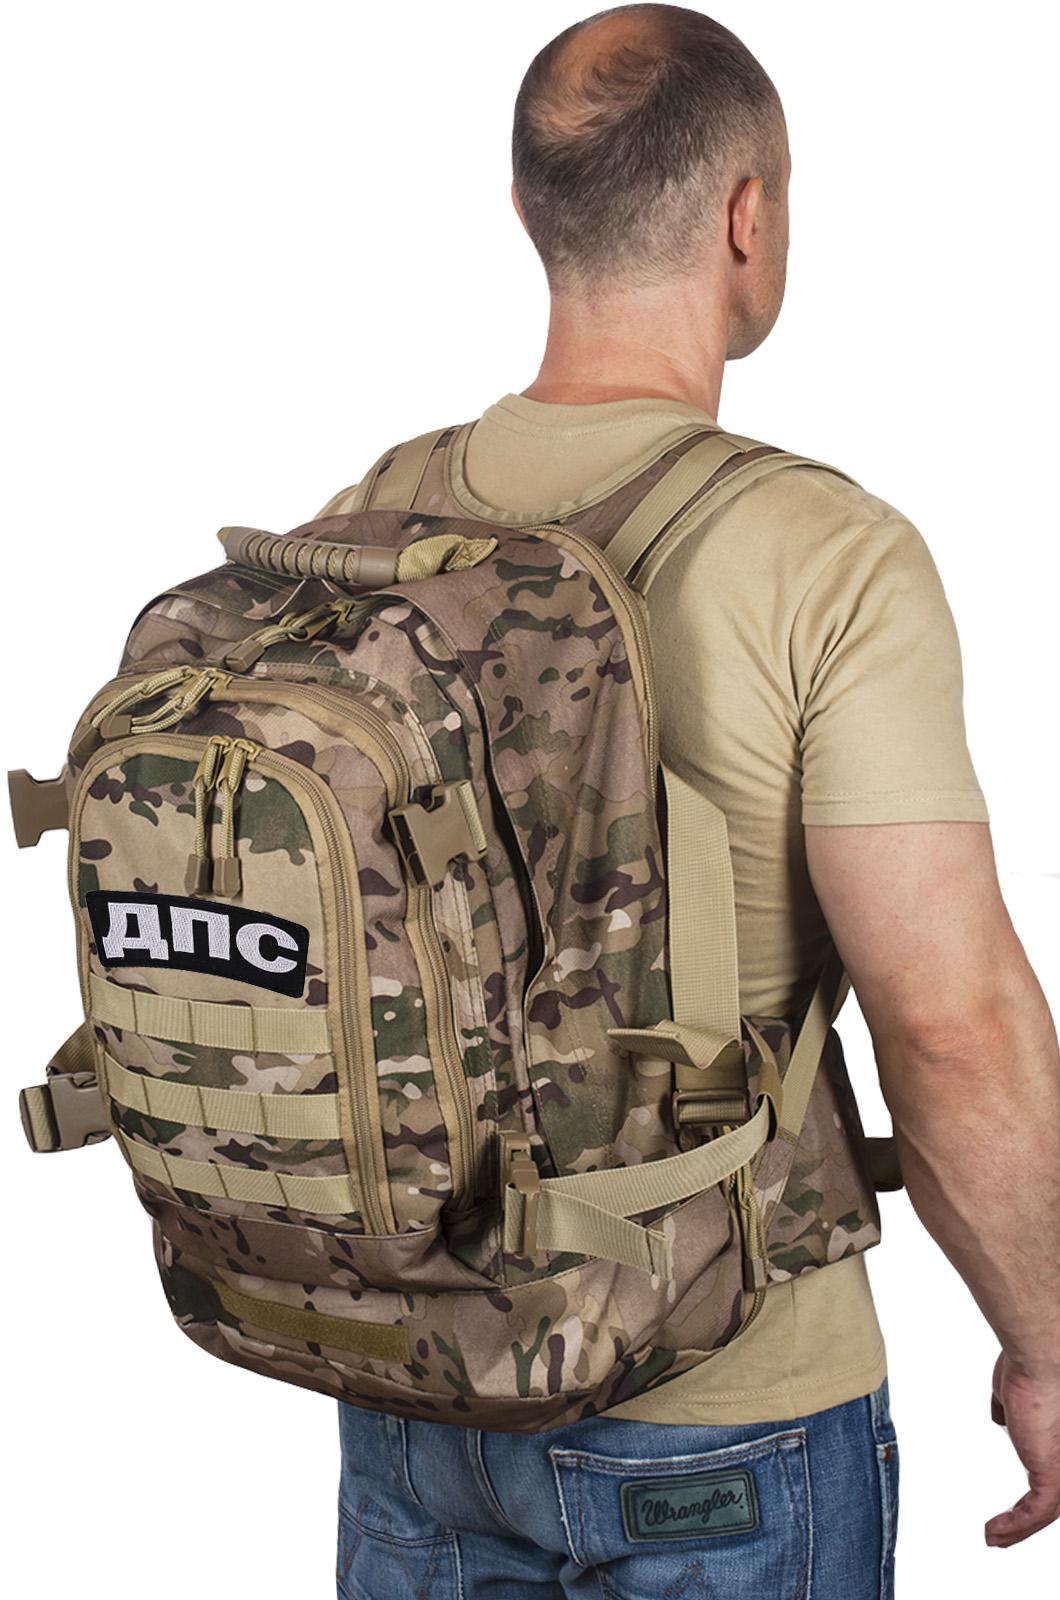 Камуфляжный трехдневный рюкзак ДПС - купить оптом